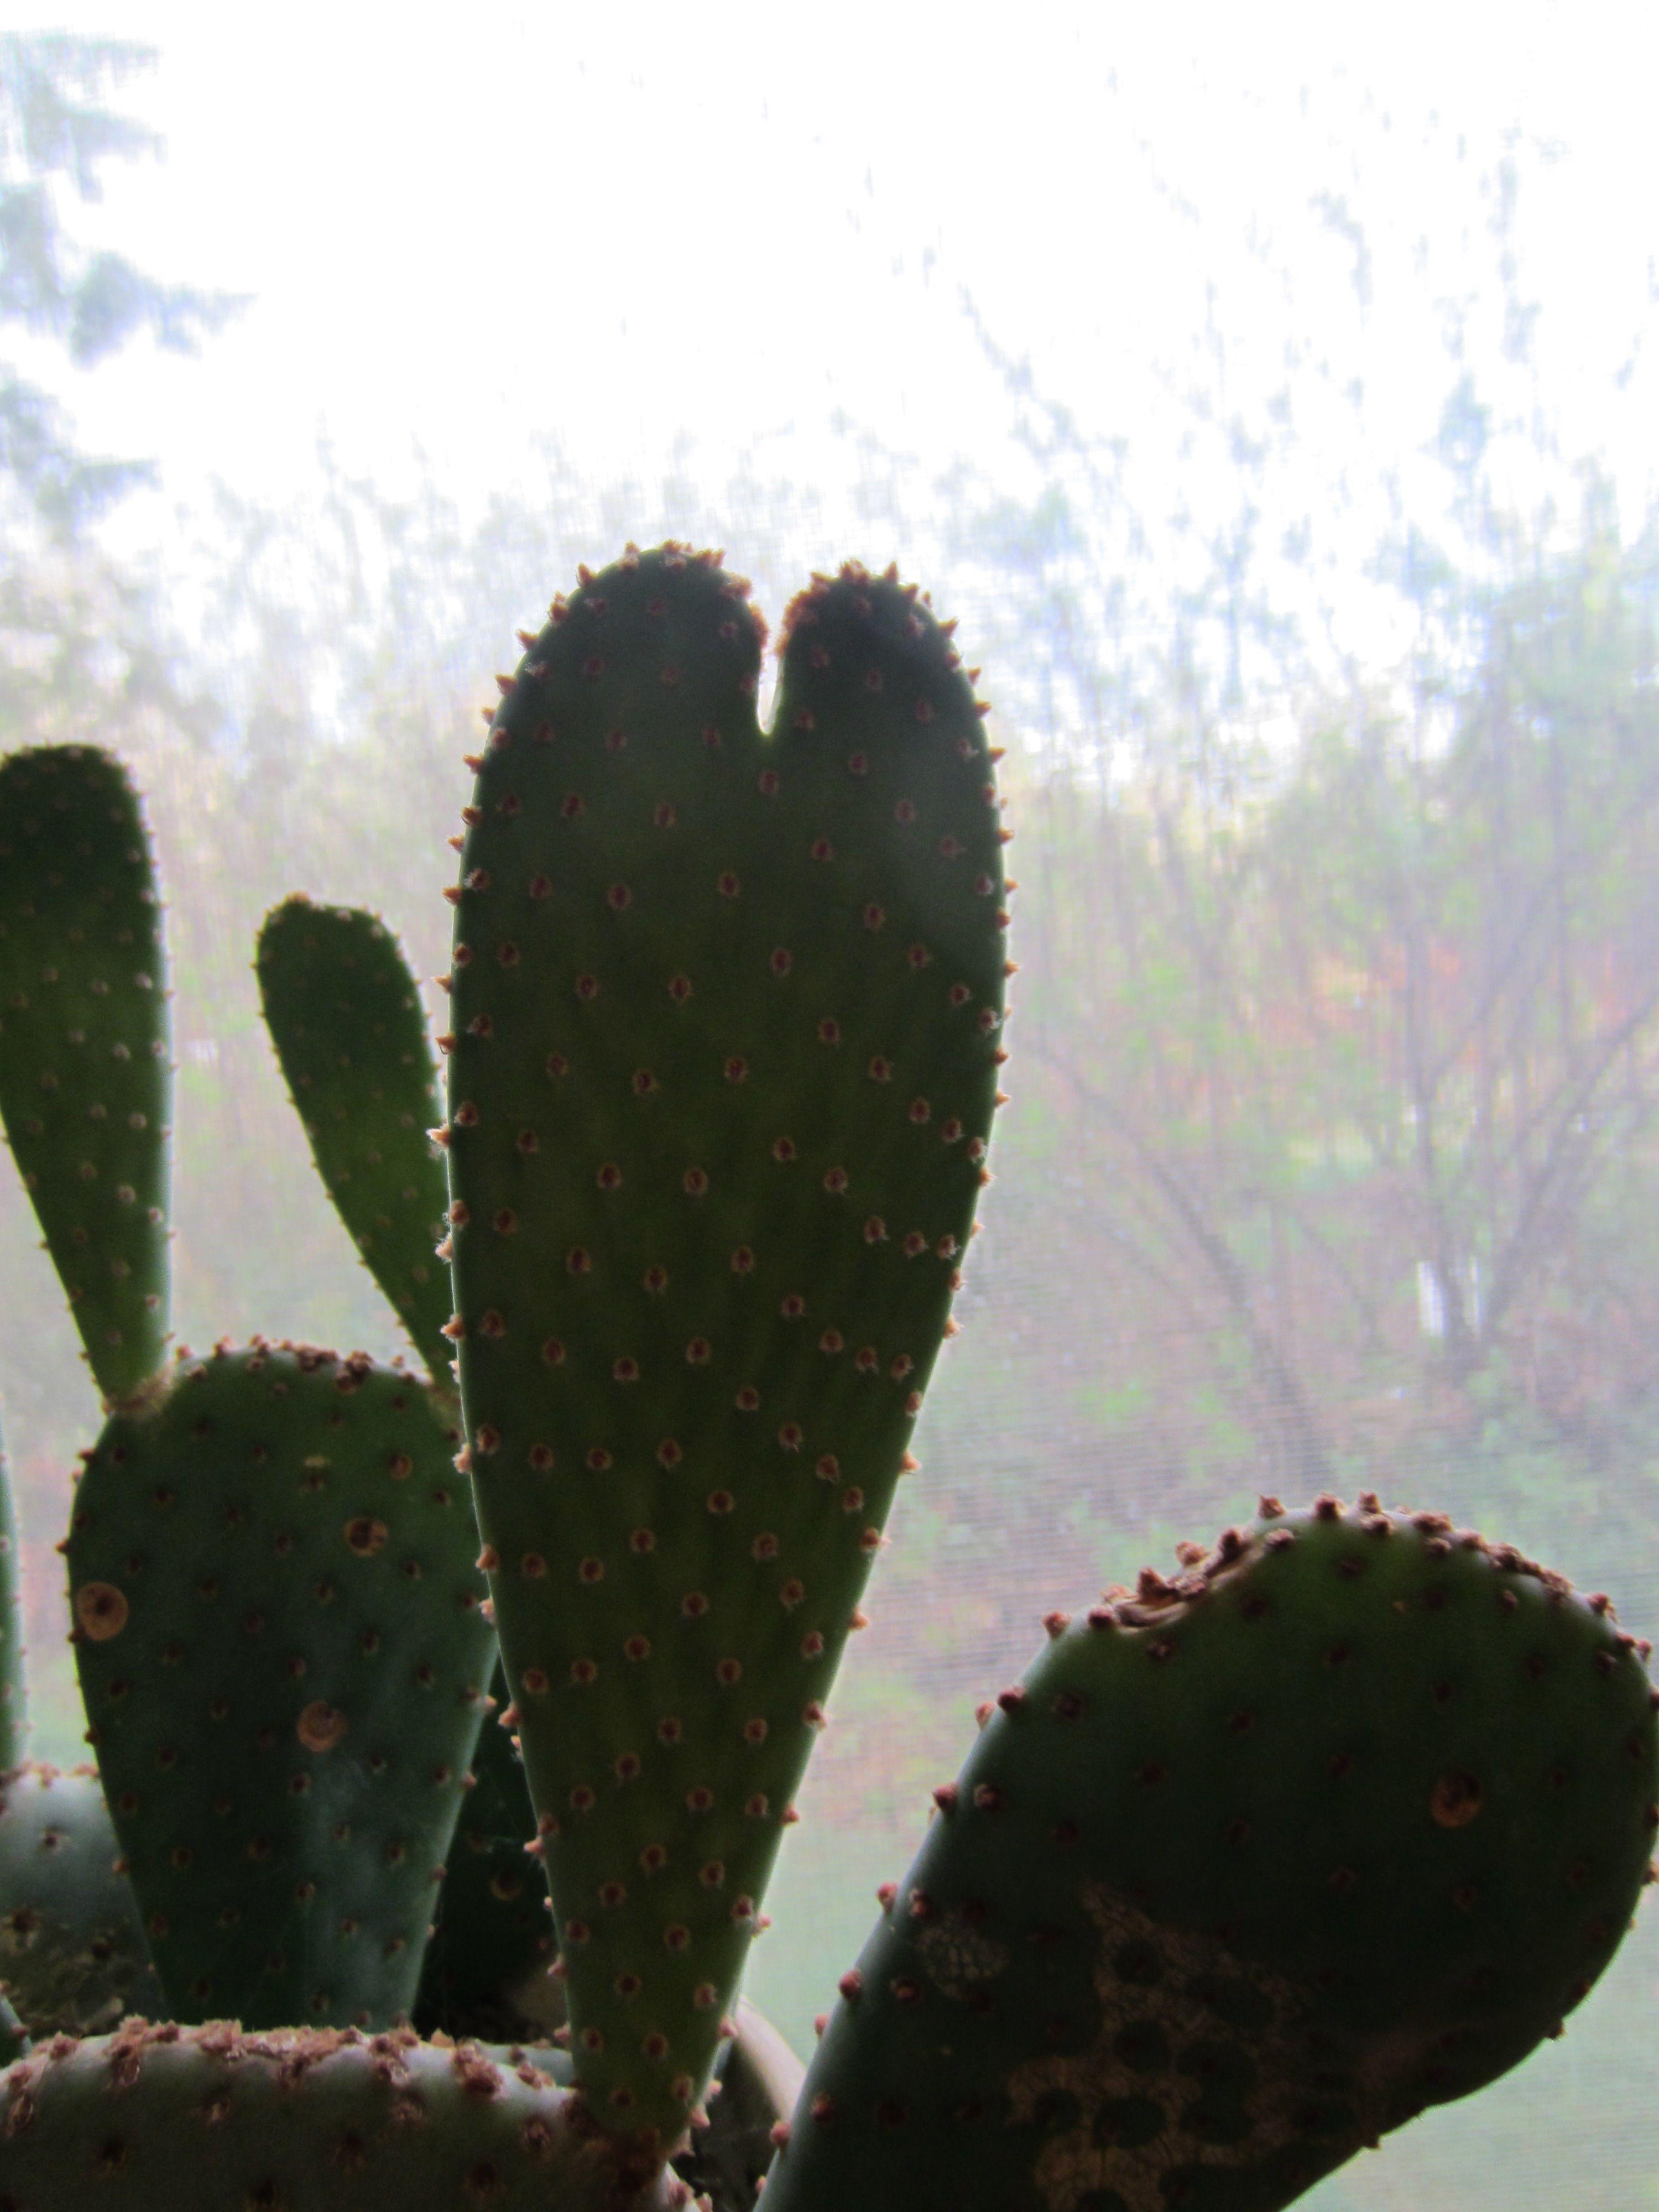 Arizona Cactus Heart  Photo By Mary Fox   Long Beach, WA #arizonacactus Arizona Cactus Heart  Photo By Mary Fox   Long Beach, WA #arizonacactus Arizona Cactus Heart  Photo By Mary Fox   Long Beach, WA #arizonacactus Arizona Cactus Heart  Photo By Mary Fox   Long Beach, WA #arizonacactus Arizona Cactus Heart  Photo By Mary Fox   Long Beach, WA #arizonacactus Arizona Cactus Heart  Photo By Mary Fox   Long Beach, WA #arizonacactus Arizona Cactus Heart  Photo By Mary Fox   Long Beach, WA #arizonacac #arizonacactus